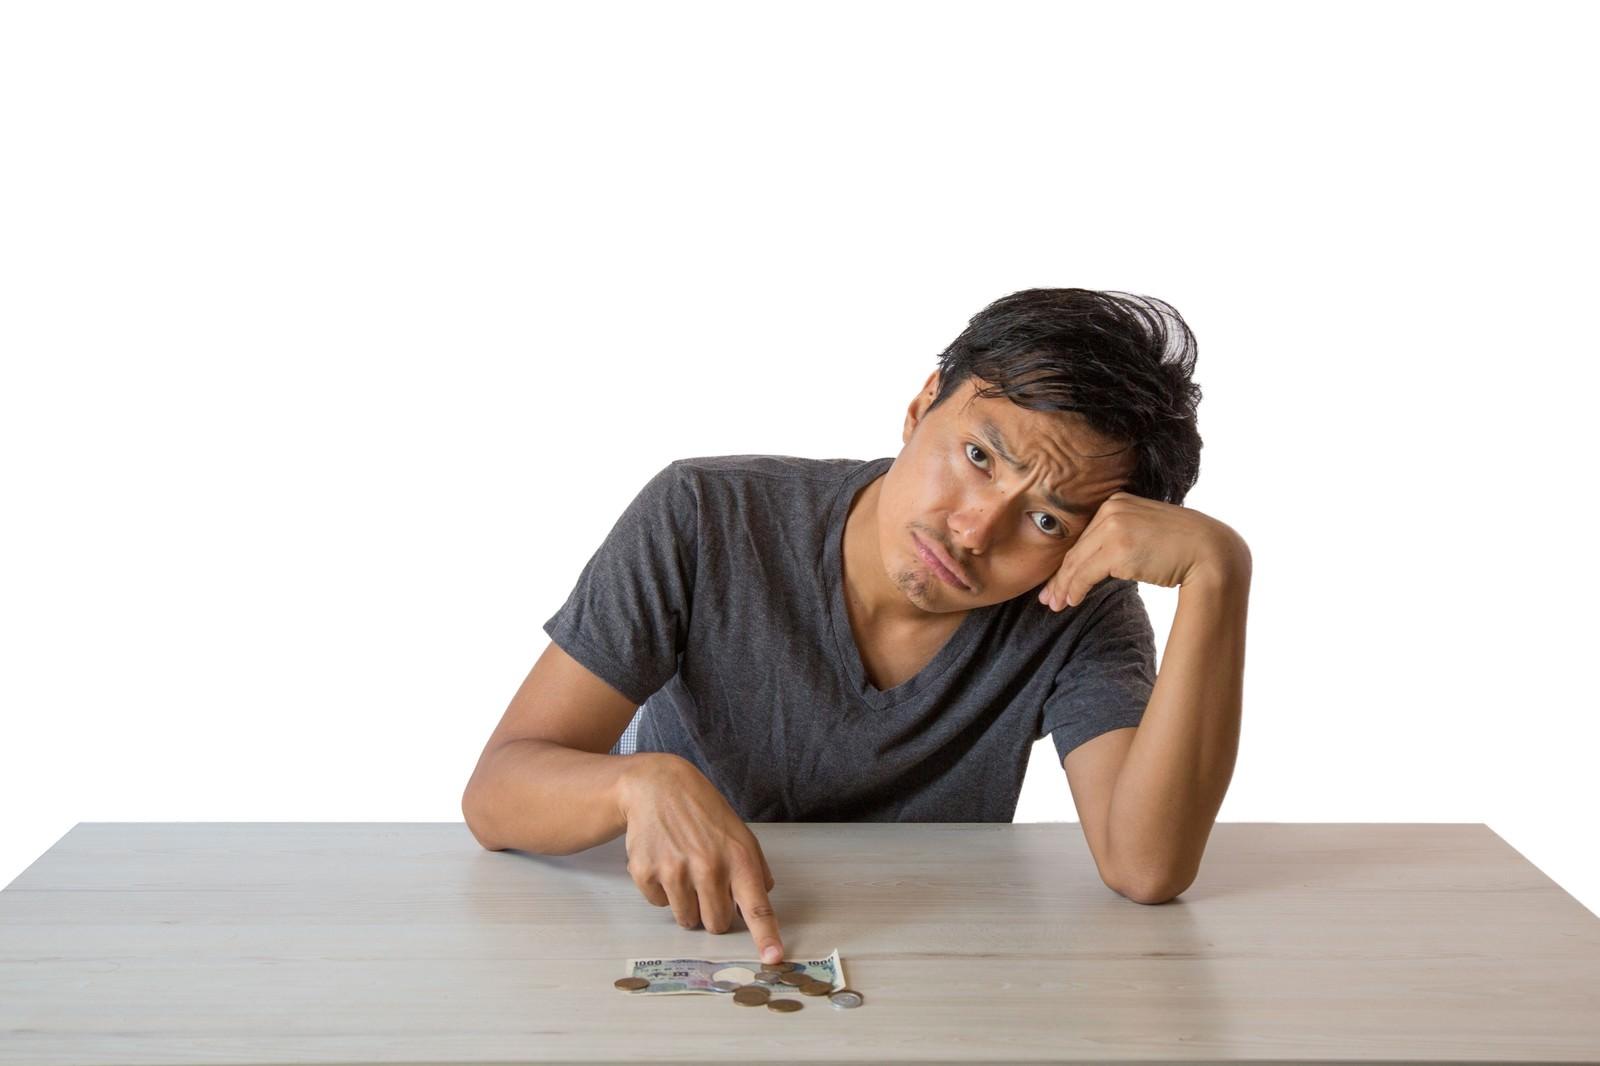 「月末までの生活費に頭を悩ます浪費癖のある男性」の写真[モデル:藤沢篤]